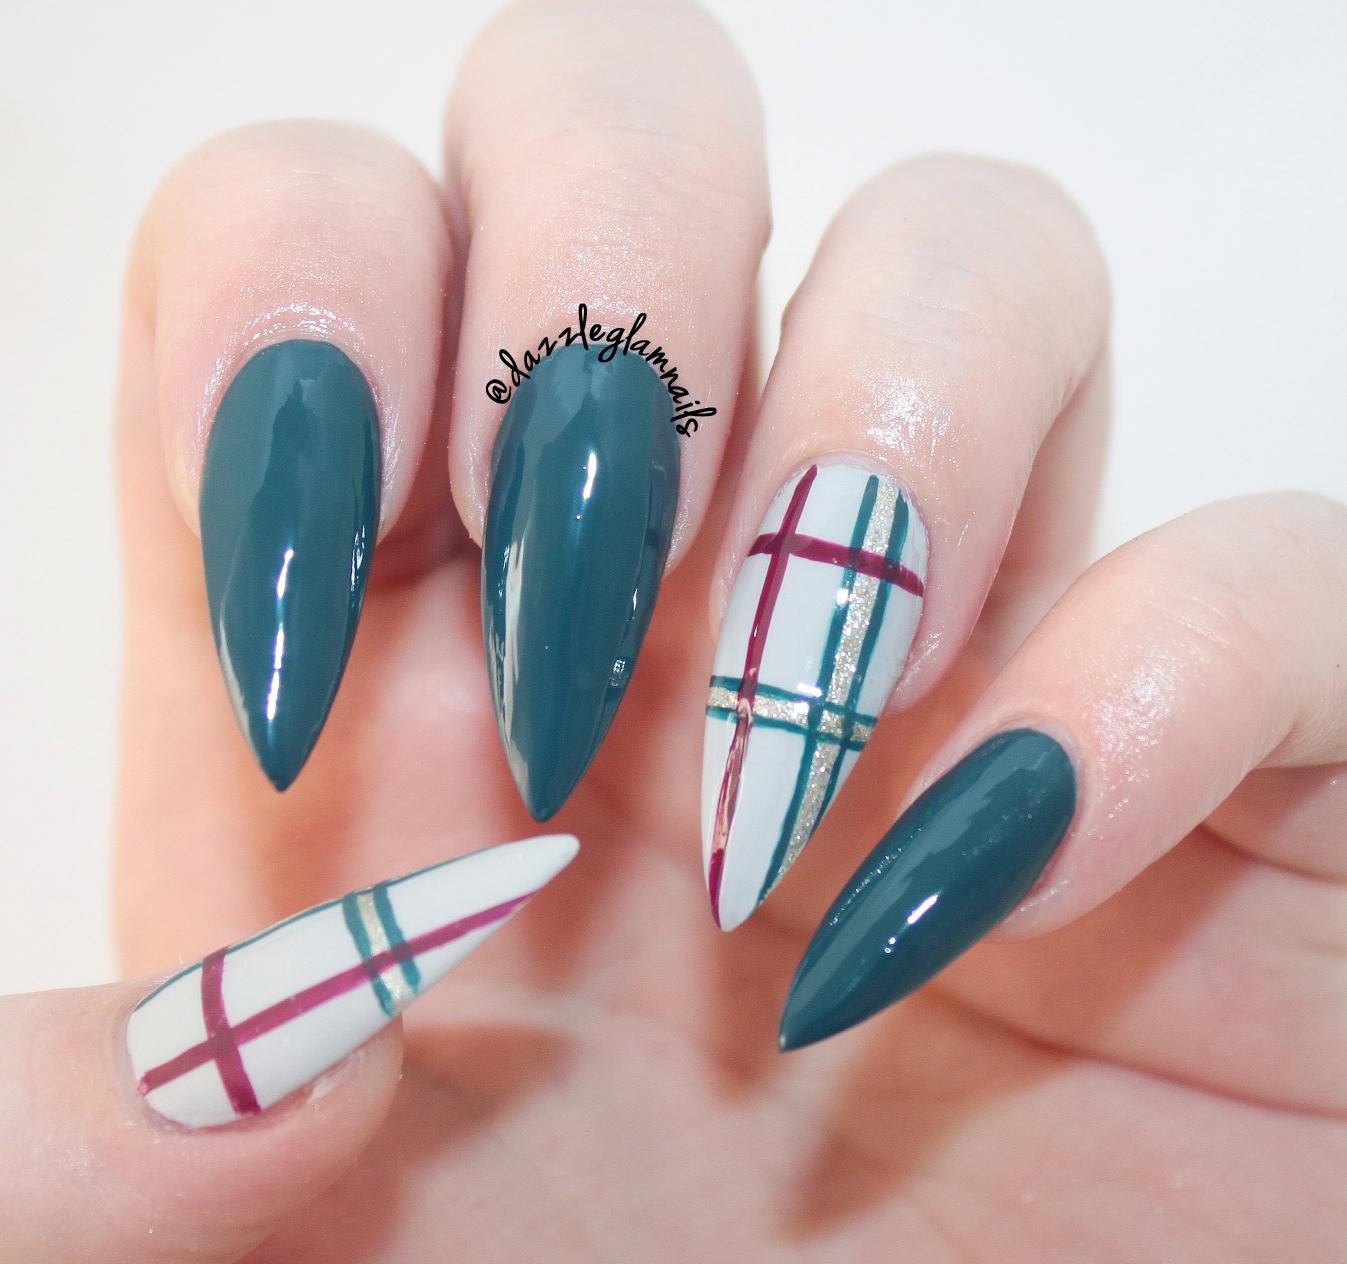 Dazzle Glam Nails Nail Art Blog Dark Fall Plaid Nail Design